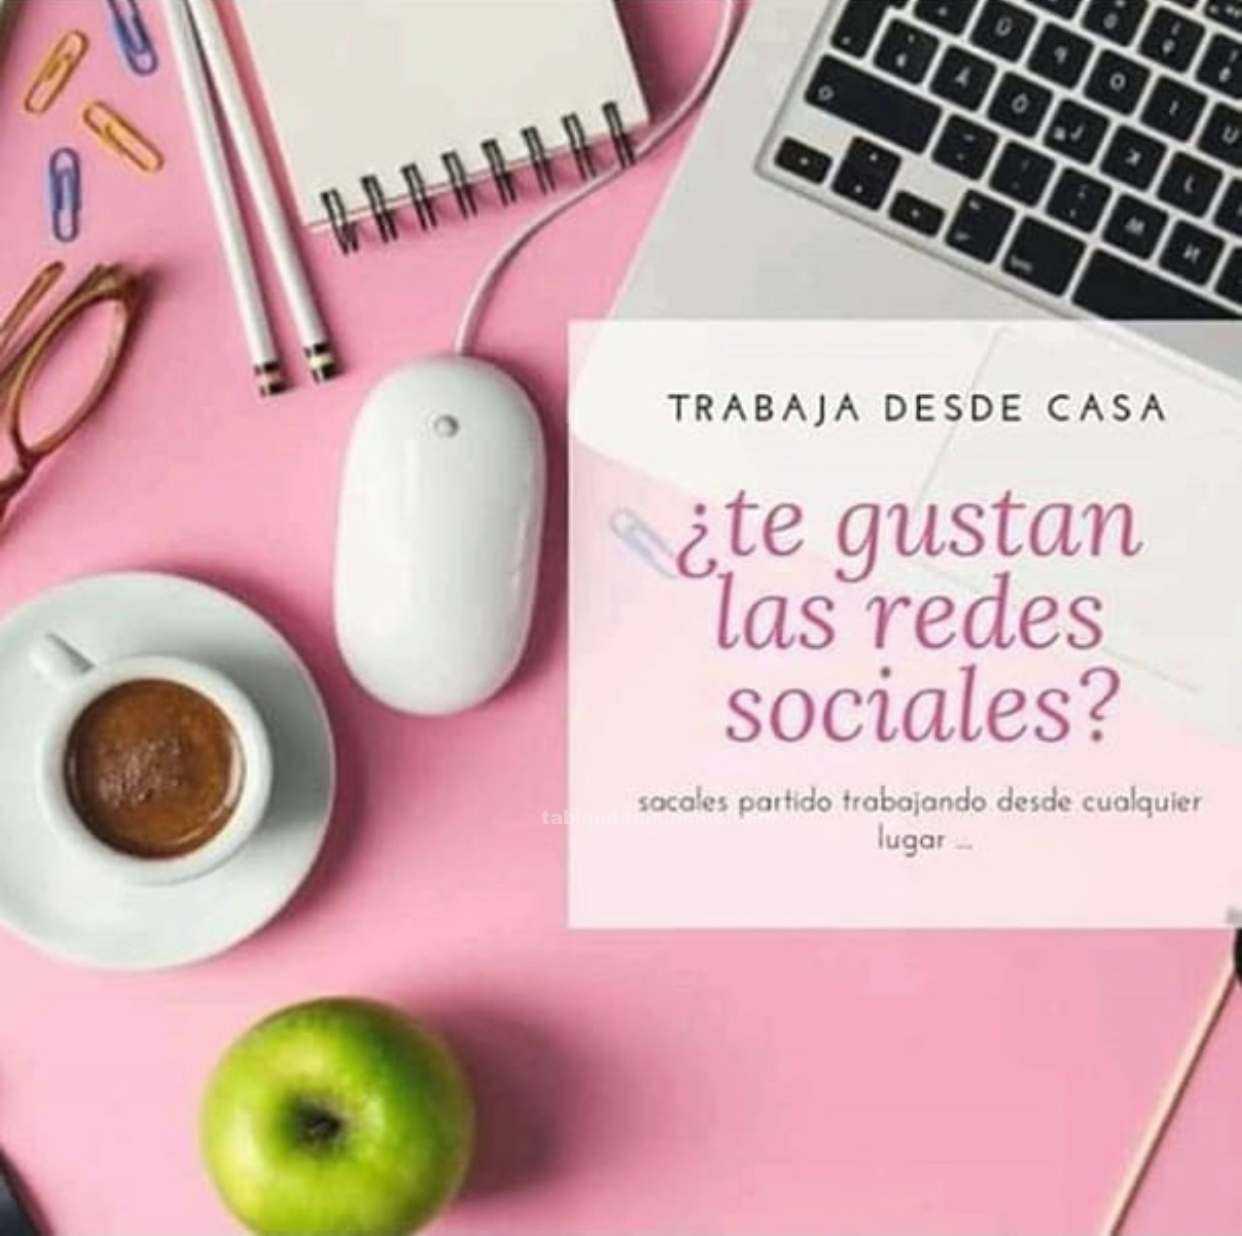 TRABAJA DESDE CASA con tus REDES SOCIALES